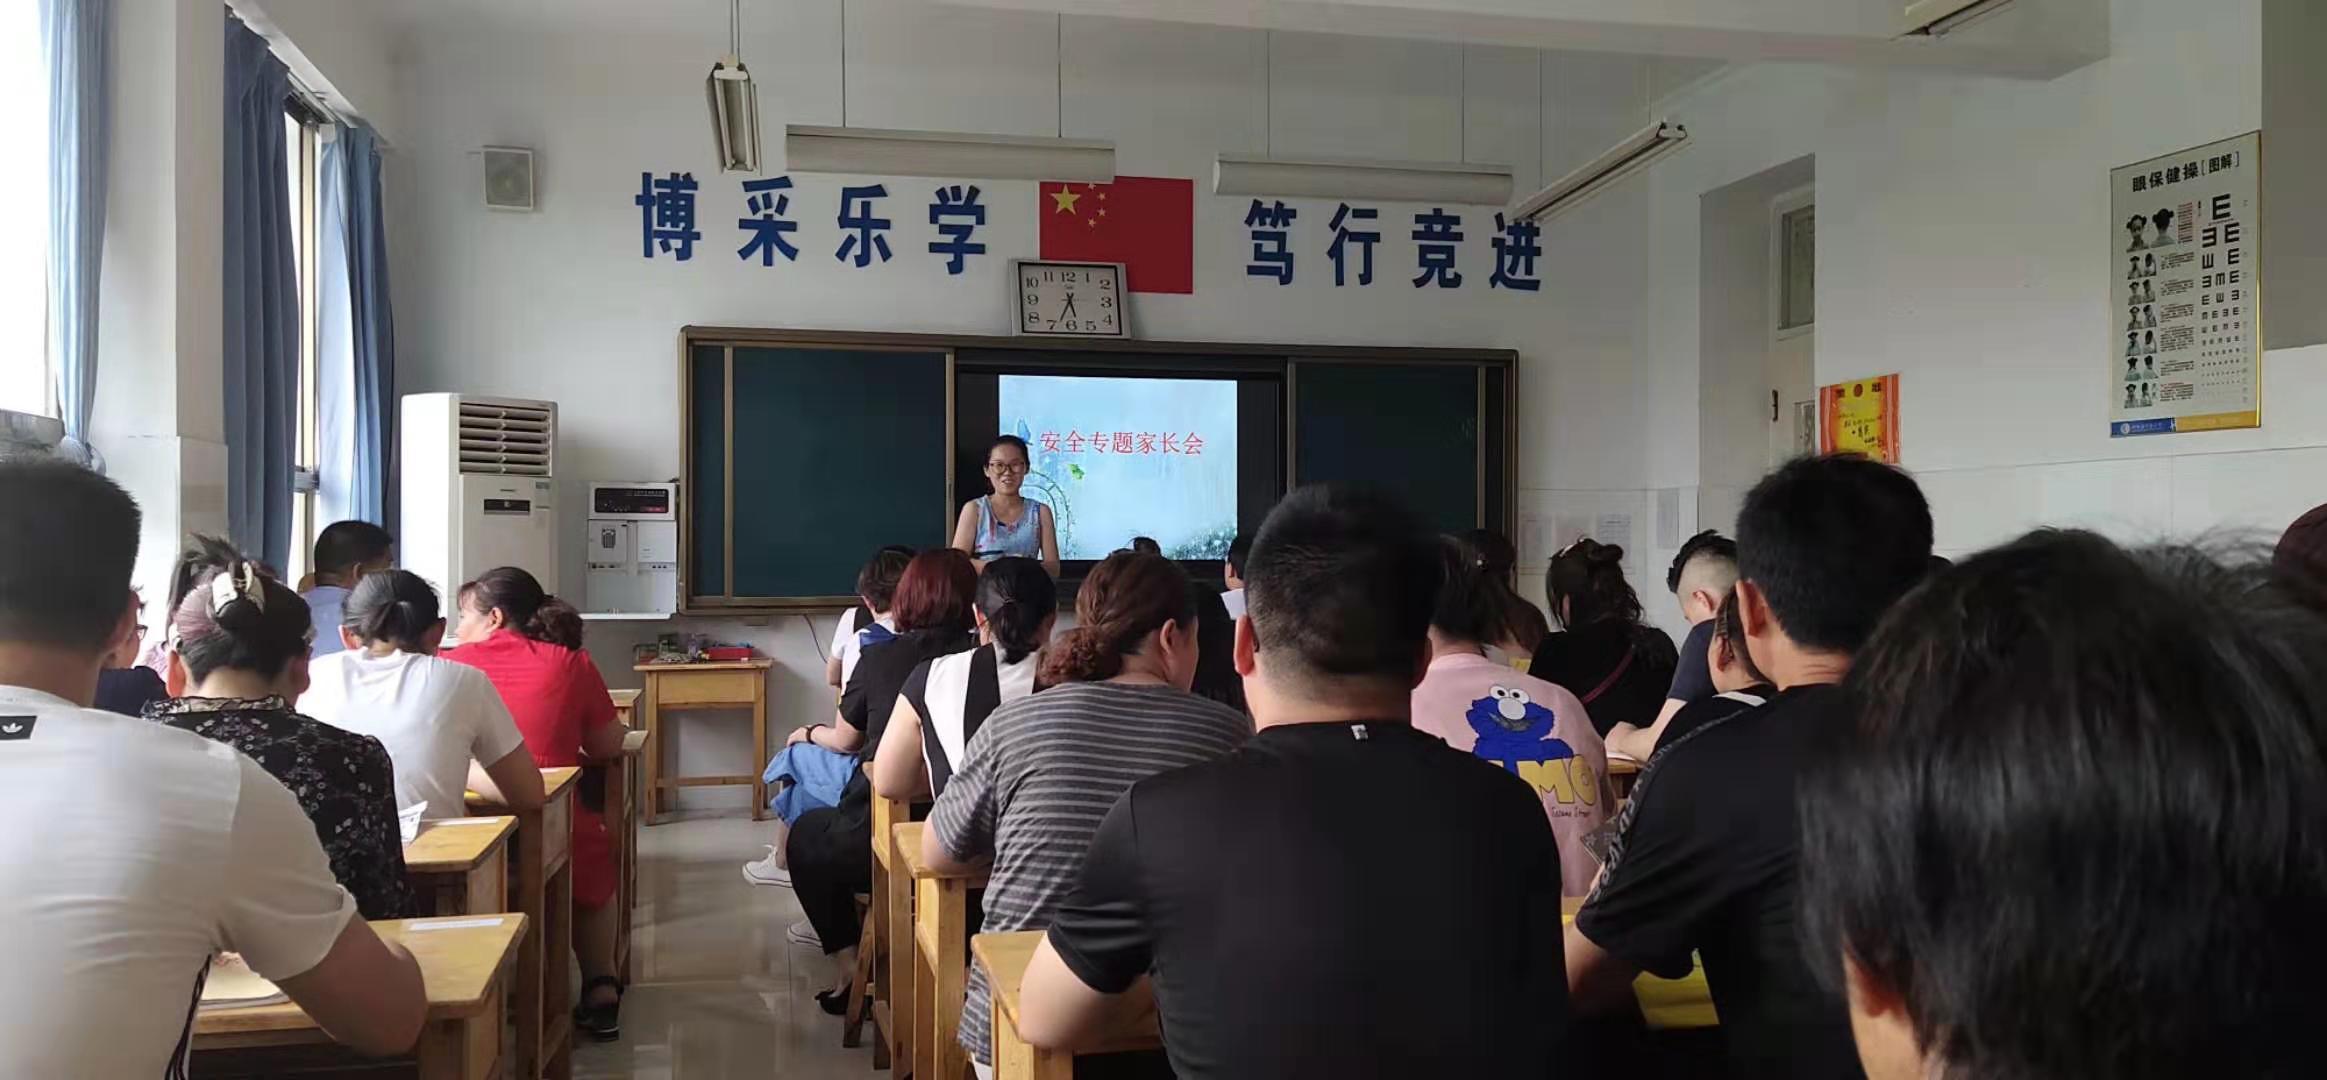 安全教育常记心中 ---桓台县实验小学召开暑期安全教育家长会